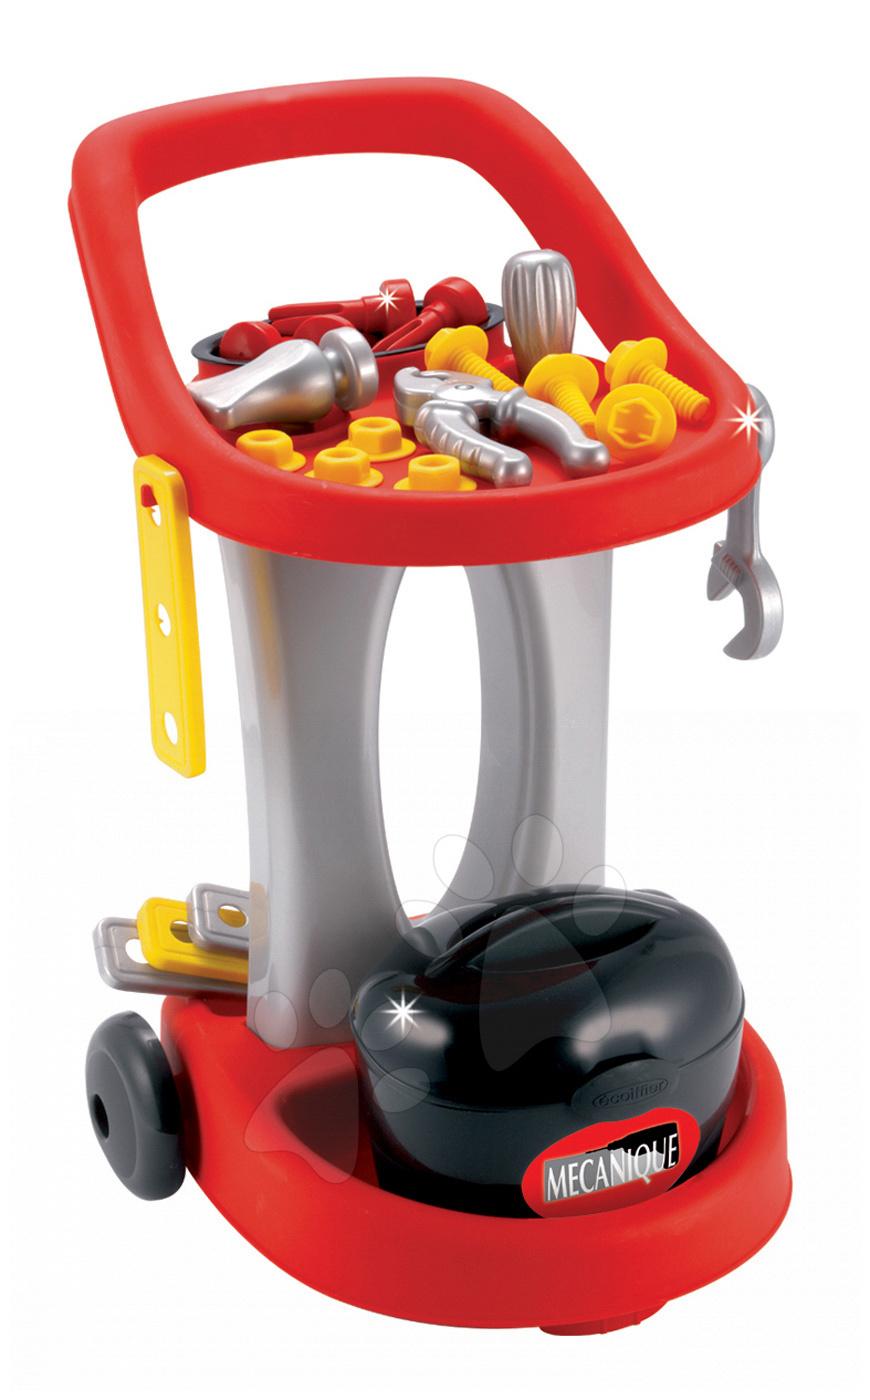 Pracovní vozík Mecanique Écoiffier s 18 doplňky od 24 měsíců